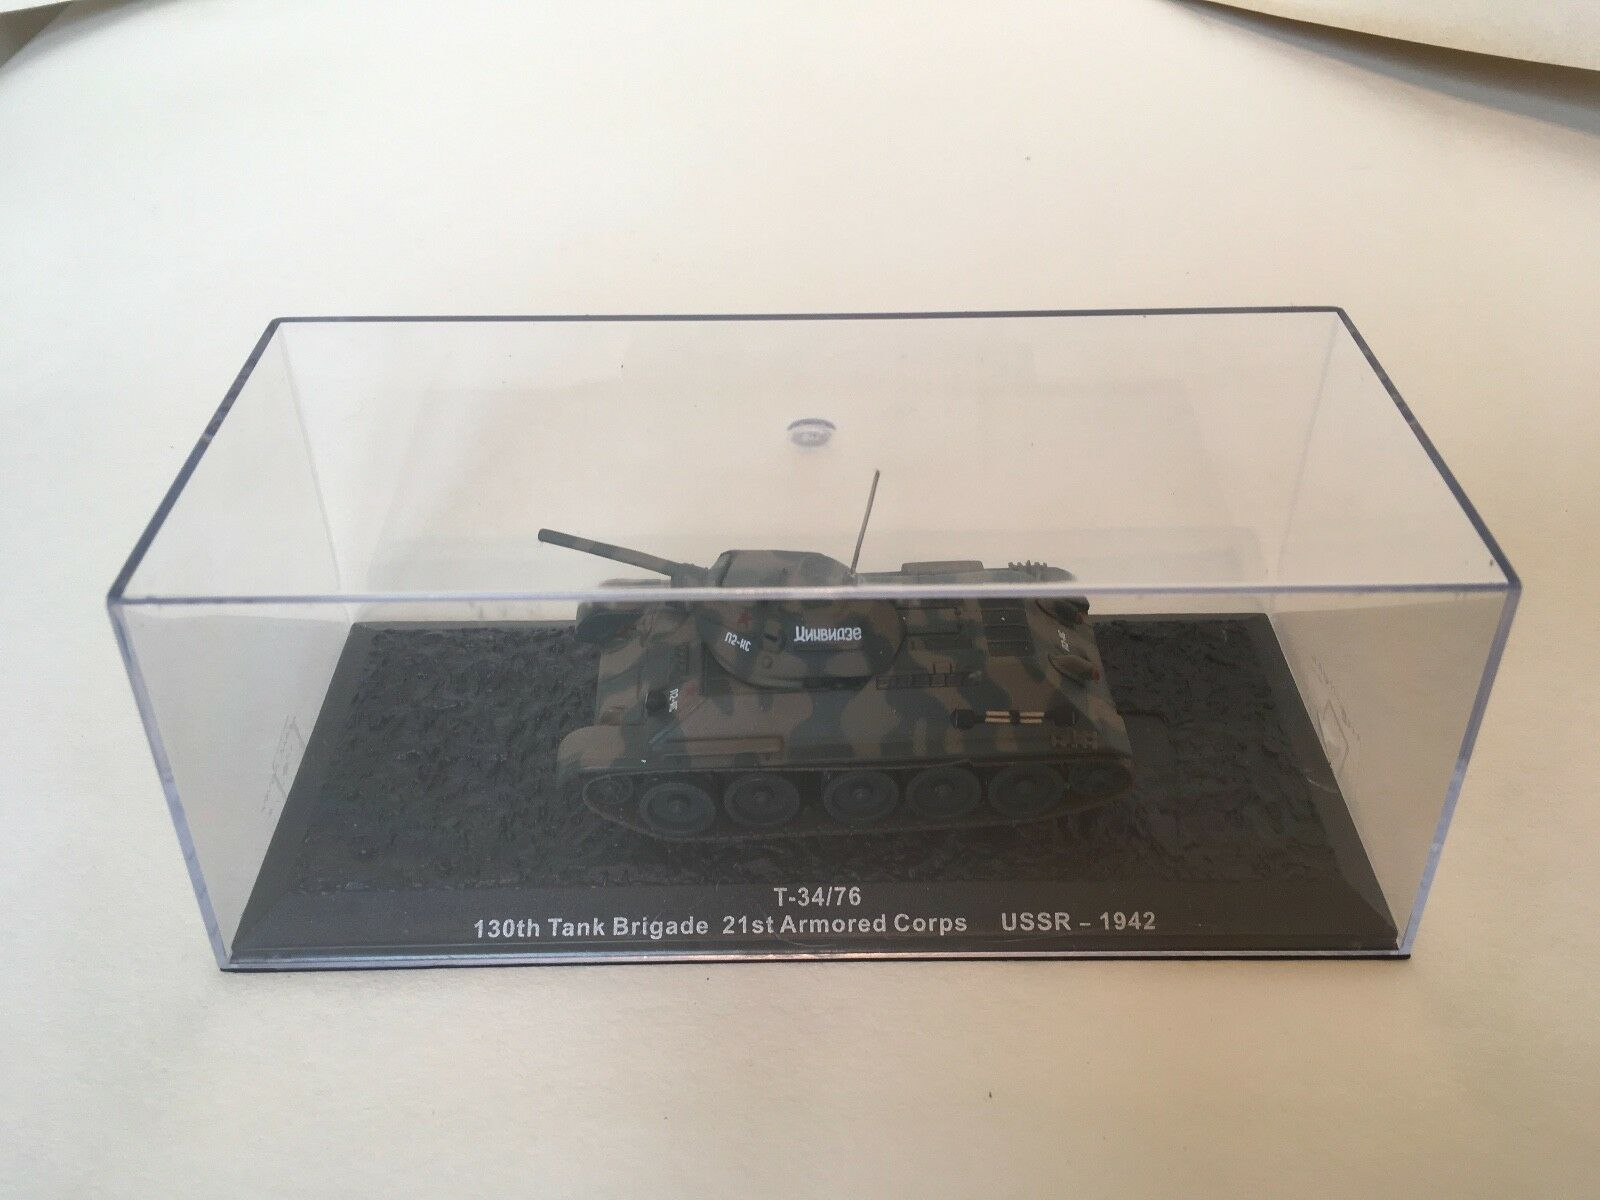 ATLAS/Agostini carri armati & veicoli veicoli veicoli militari-Multi-Listing-basta scegliere .1: 72 acfcf0